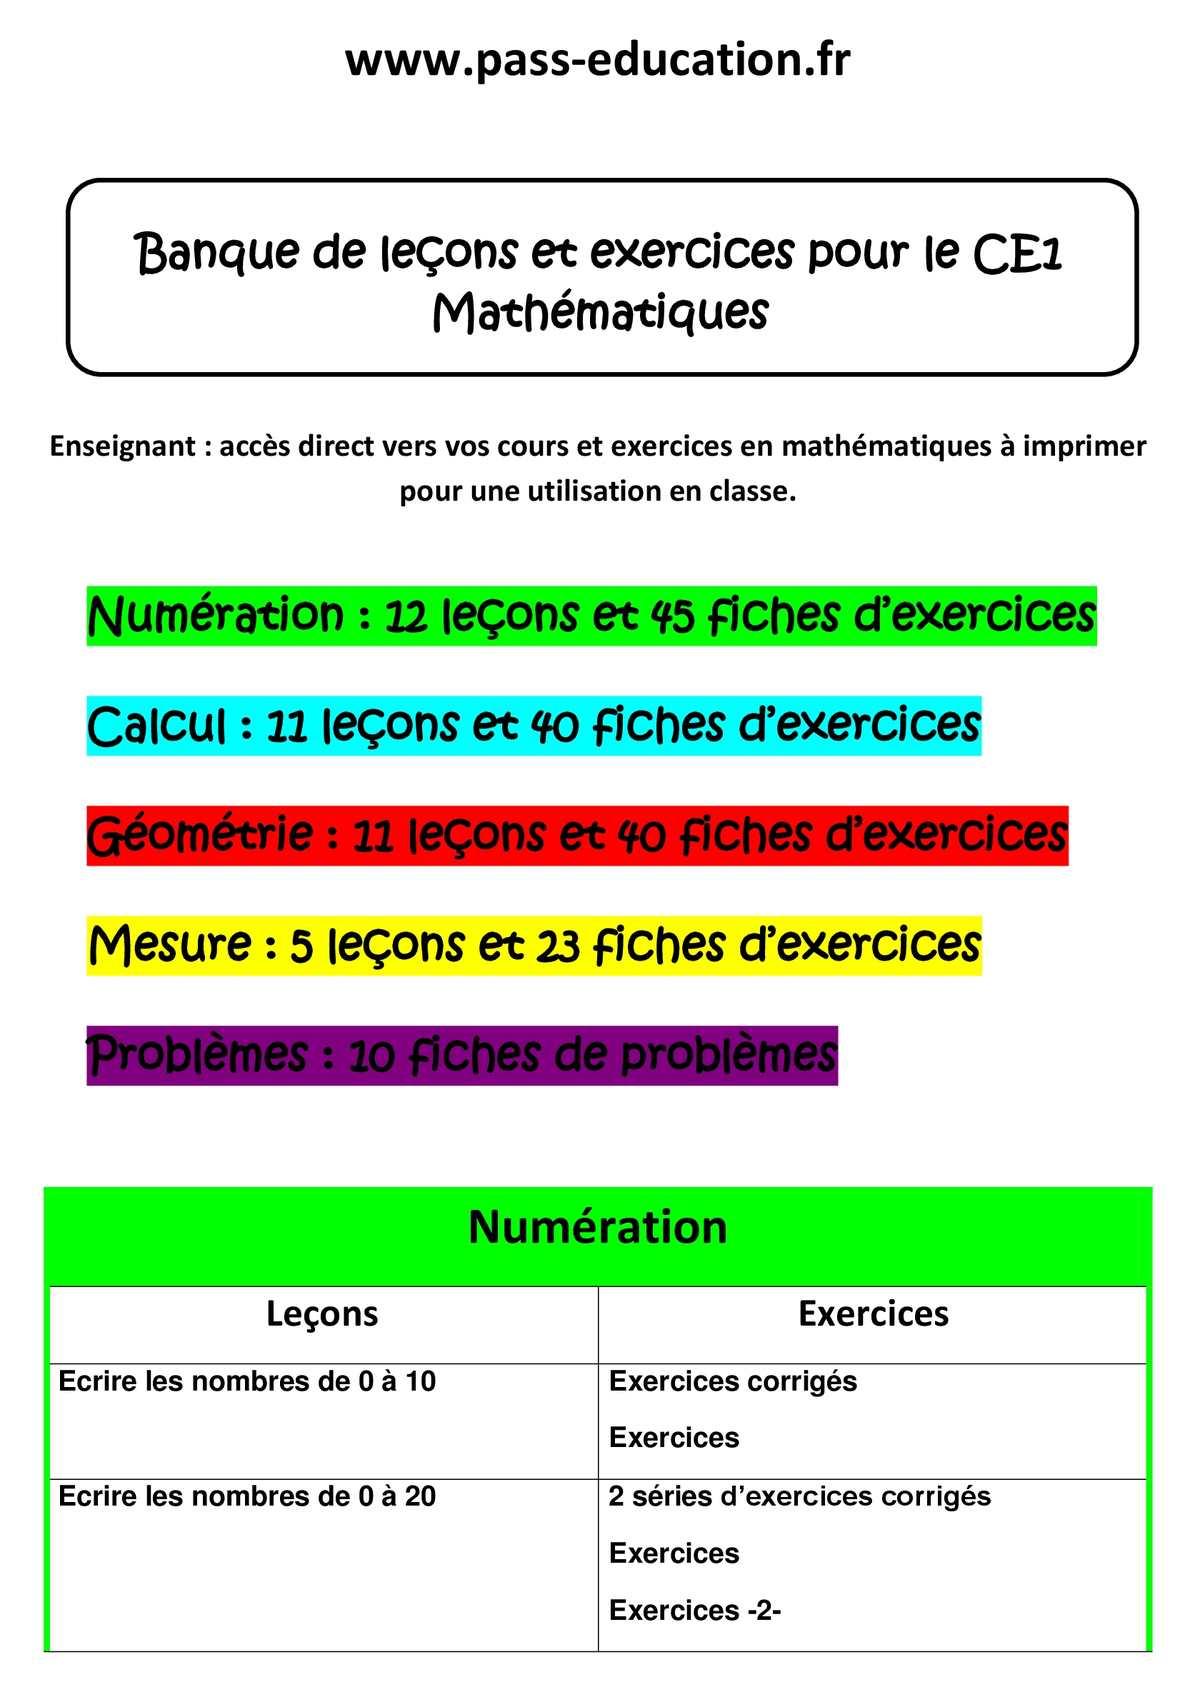 Calaméo - Ce1 Mathématiques - Banque De Leçons Et Exercices destiné Les Nombres De 0 À 20